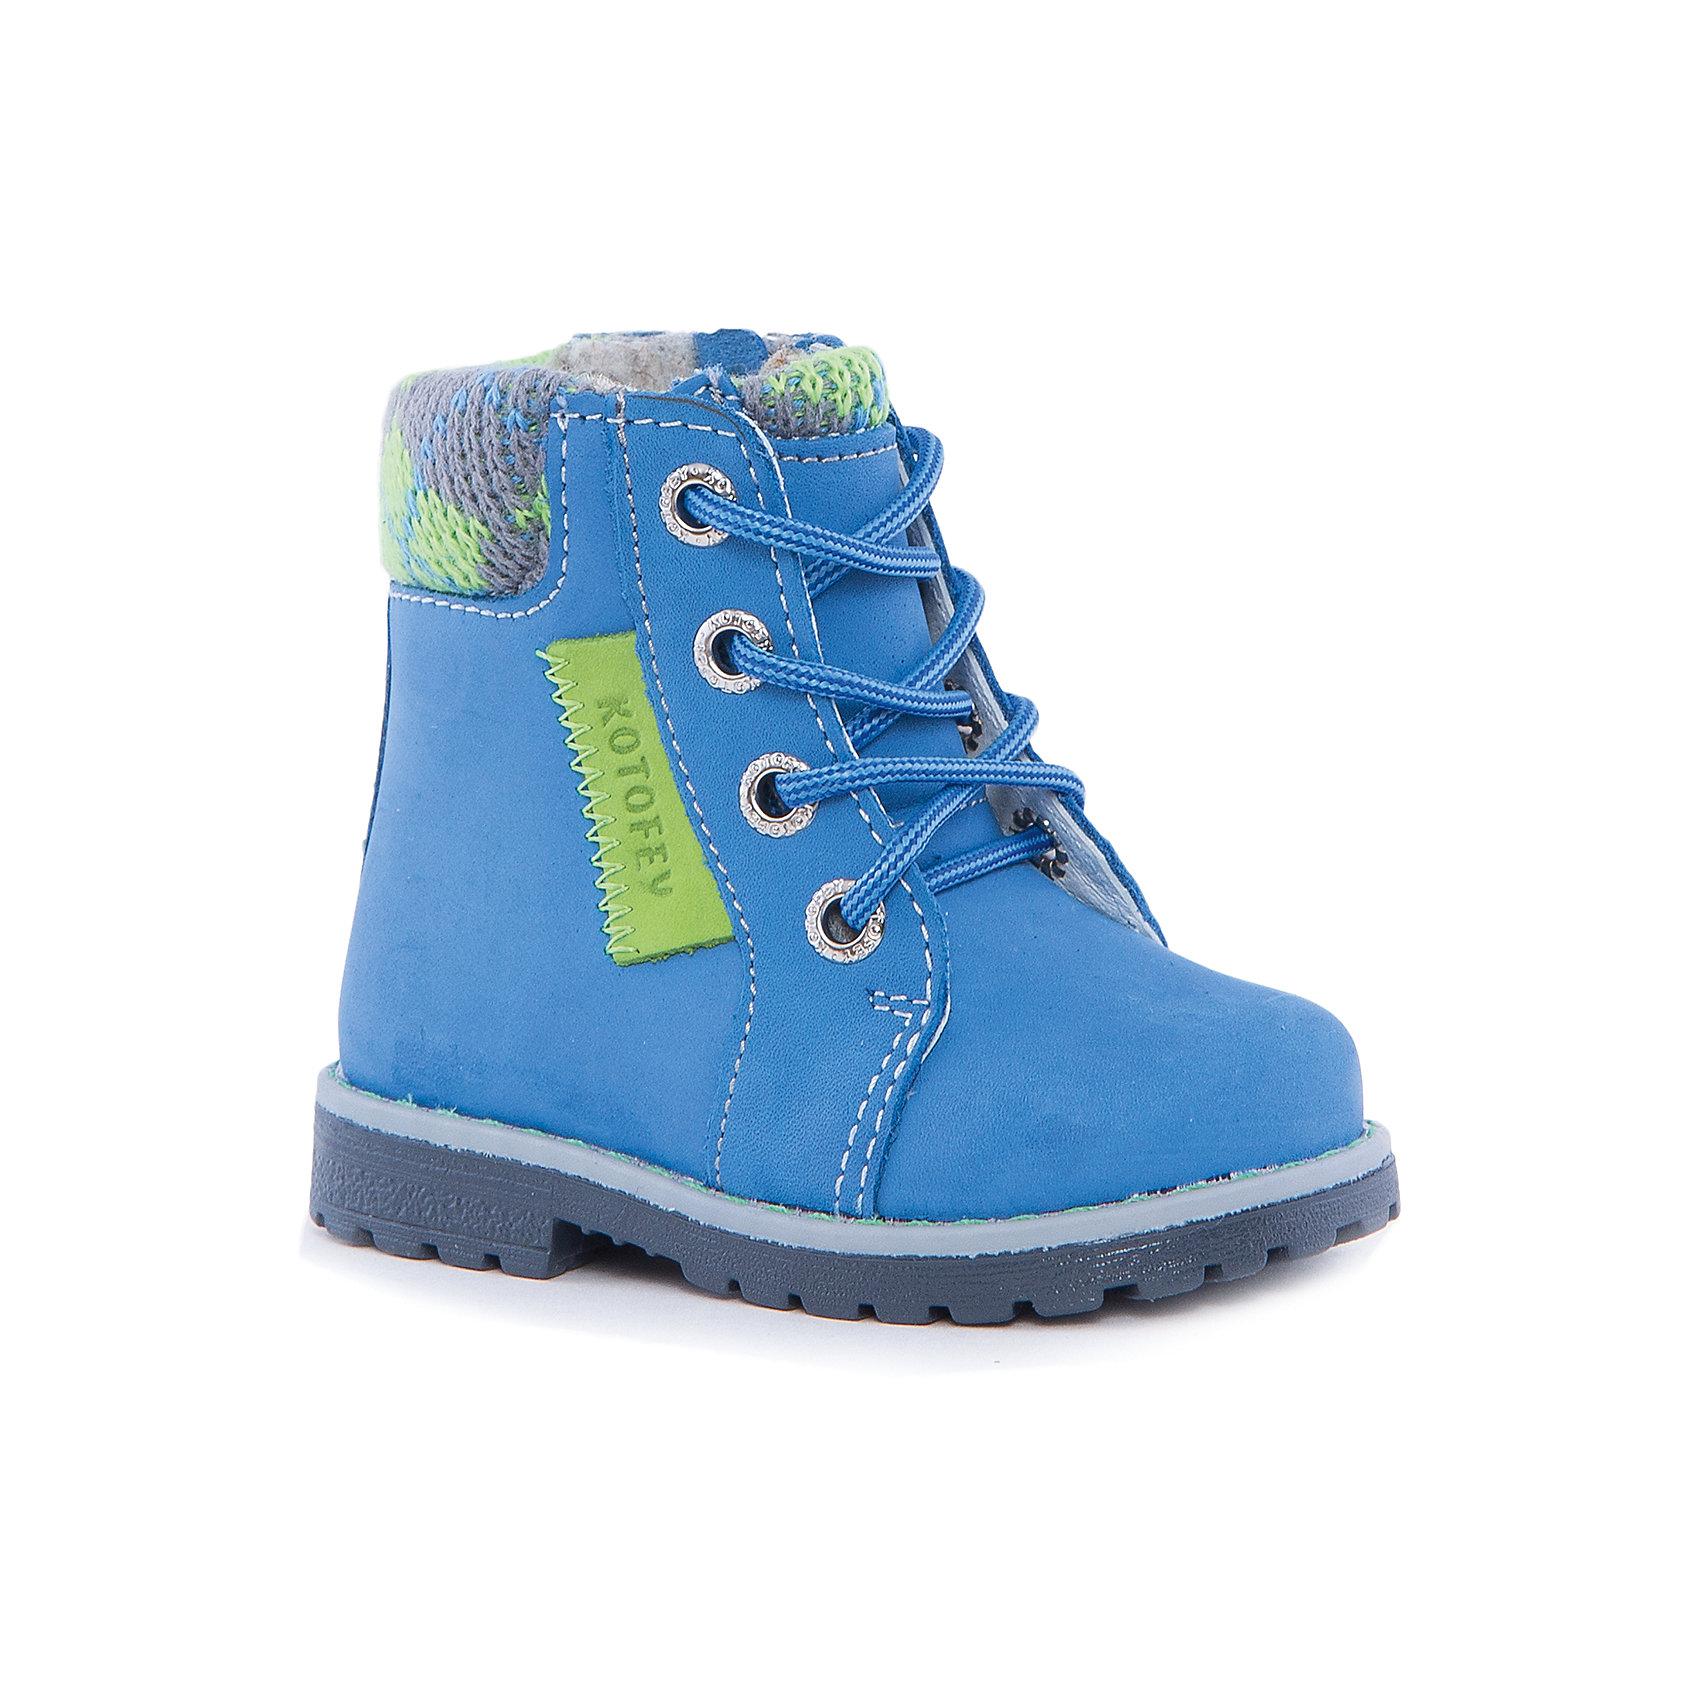 Ботинки для мальчика КотофейБотинки<br>Котофей – качественная и стильная детская обувь по доступным ценам. С каждым днем популярность бренда растет. В любую погоду очень важно выбрать удобную и теплую обувь, которая защитит ножки малыша. Стильные ботиночки на шнуровке придутся по душе всем модникам. Для удобства предусмотрена и застежка на молнии, чтобы процесс сборов на прогулку был легким и быстрым.<br><br>Дополнительная информация:<br><br>цвет: сине-салатовый;<br>вид крепления: на клею;<br>застежка: пластиковая молния, шнуровка;<br>температурный режим: от 0°С до +10° С.<br><br>Состав:<br>материал верха – кожаный материал;<br>подклад – байковый материал;<br>подошва – ТЭП.<br><br>Осенние ботиночки из натурального материала для мальчика ясельного возраста от фирмы Котофей можно приобрести в нашем магазине.<br><br>Ширина мм: 262<br>Глубина мм: 176<br>Высота мм: 97<br>Вес г: 427<br>Цвет: синий/зеленый<br>Возраст от месяцев: 15<br>Возраст до месяцев: 18<br>Пол: Мужской<br>Возраст: Детский<br>Размер: 22,23,20,24,21<br>SKU: 4982338